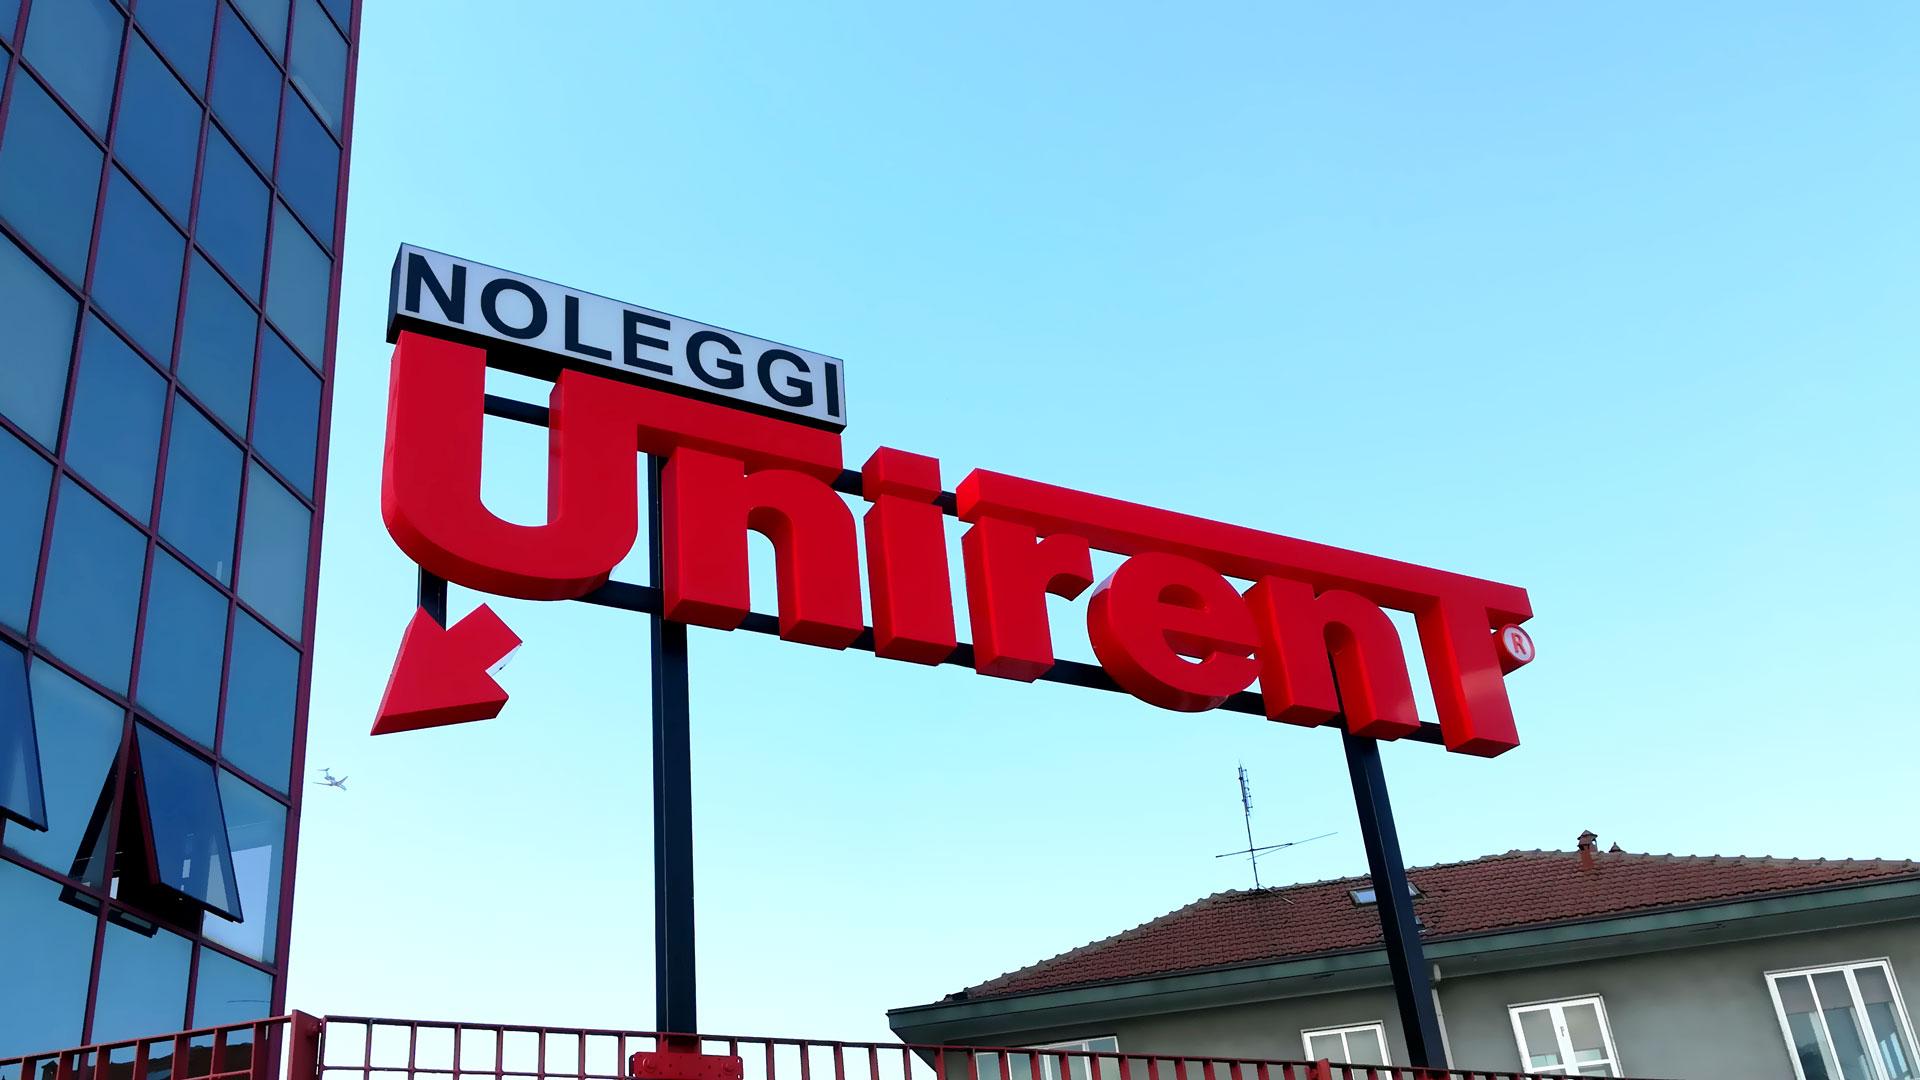 Unirent noleggio furgoni Torino via sansovino 217